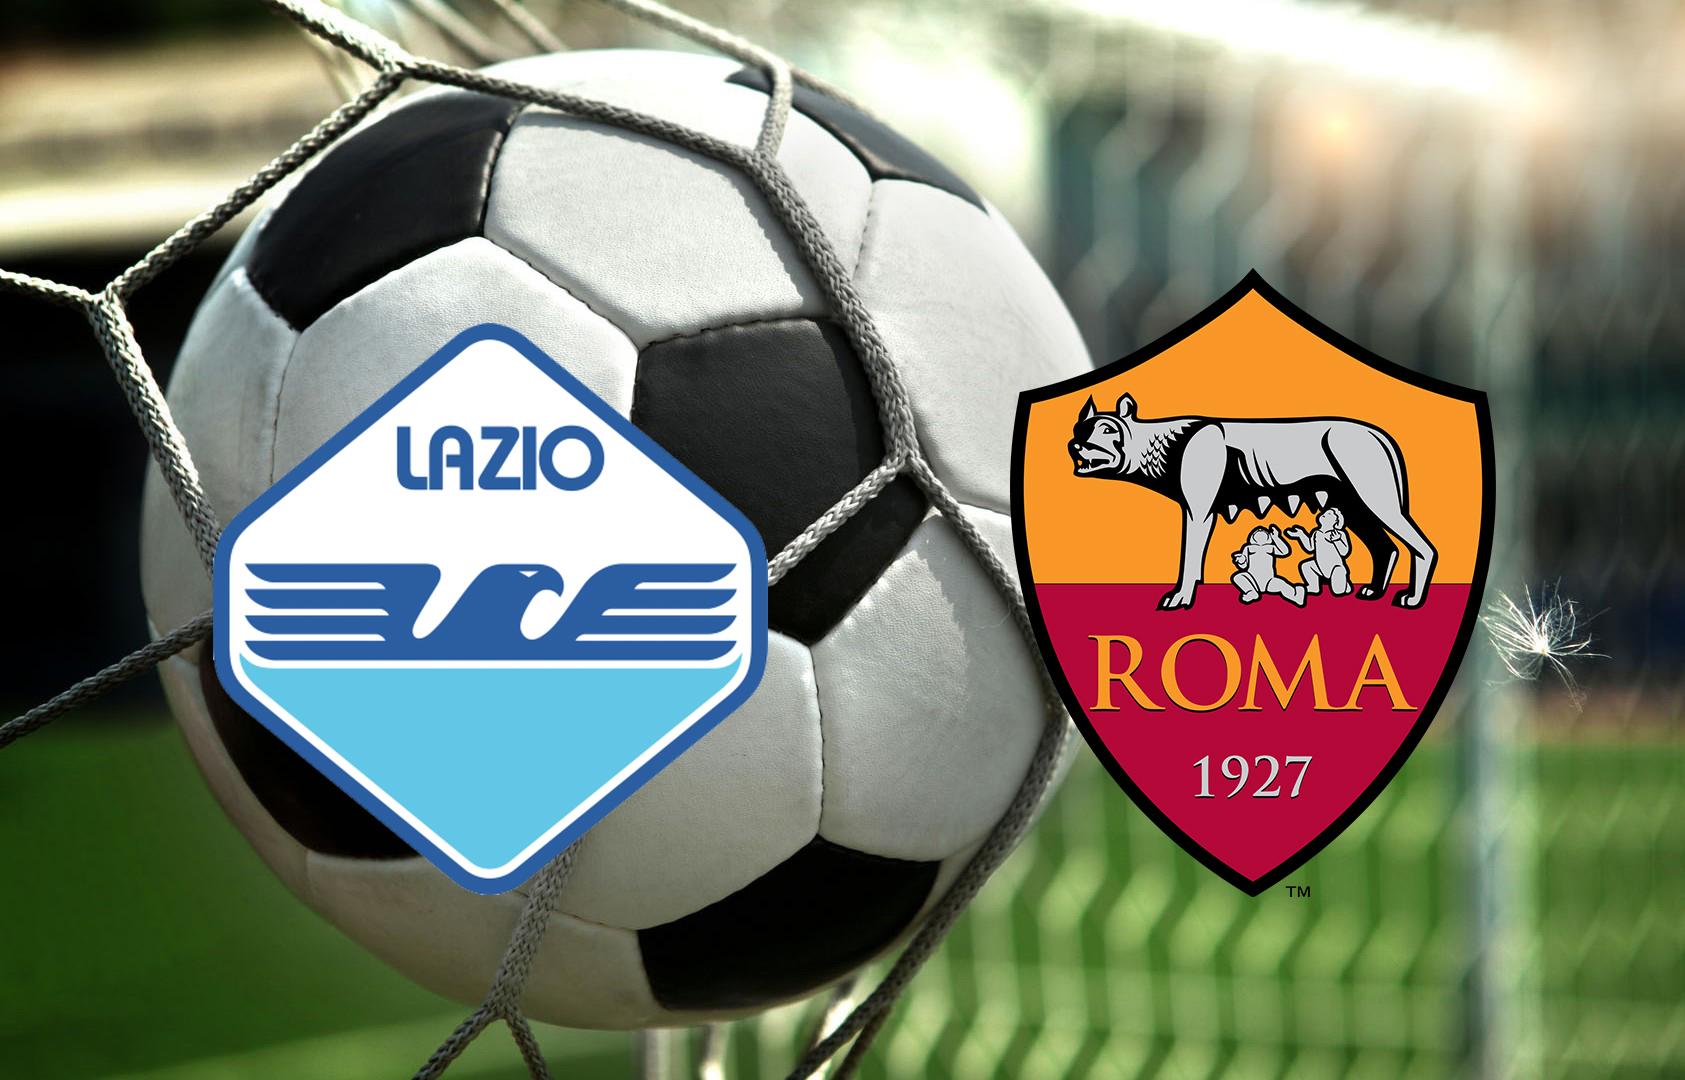 lazio-vs-as-roma-tip-bong-da-16-4-2018 1